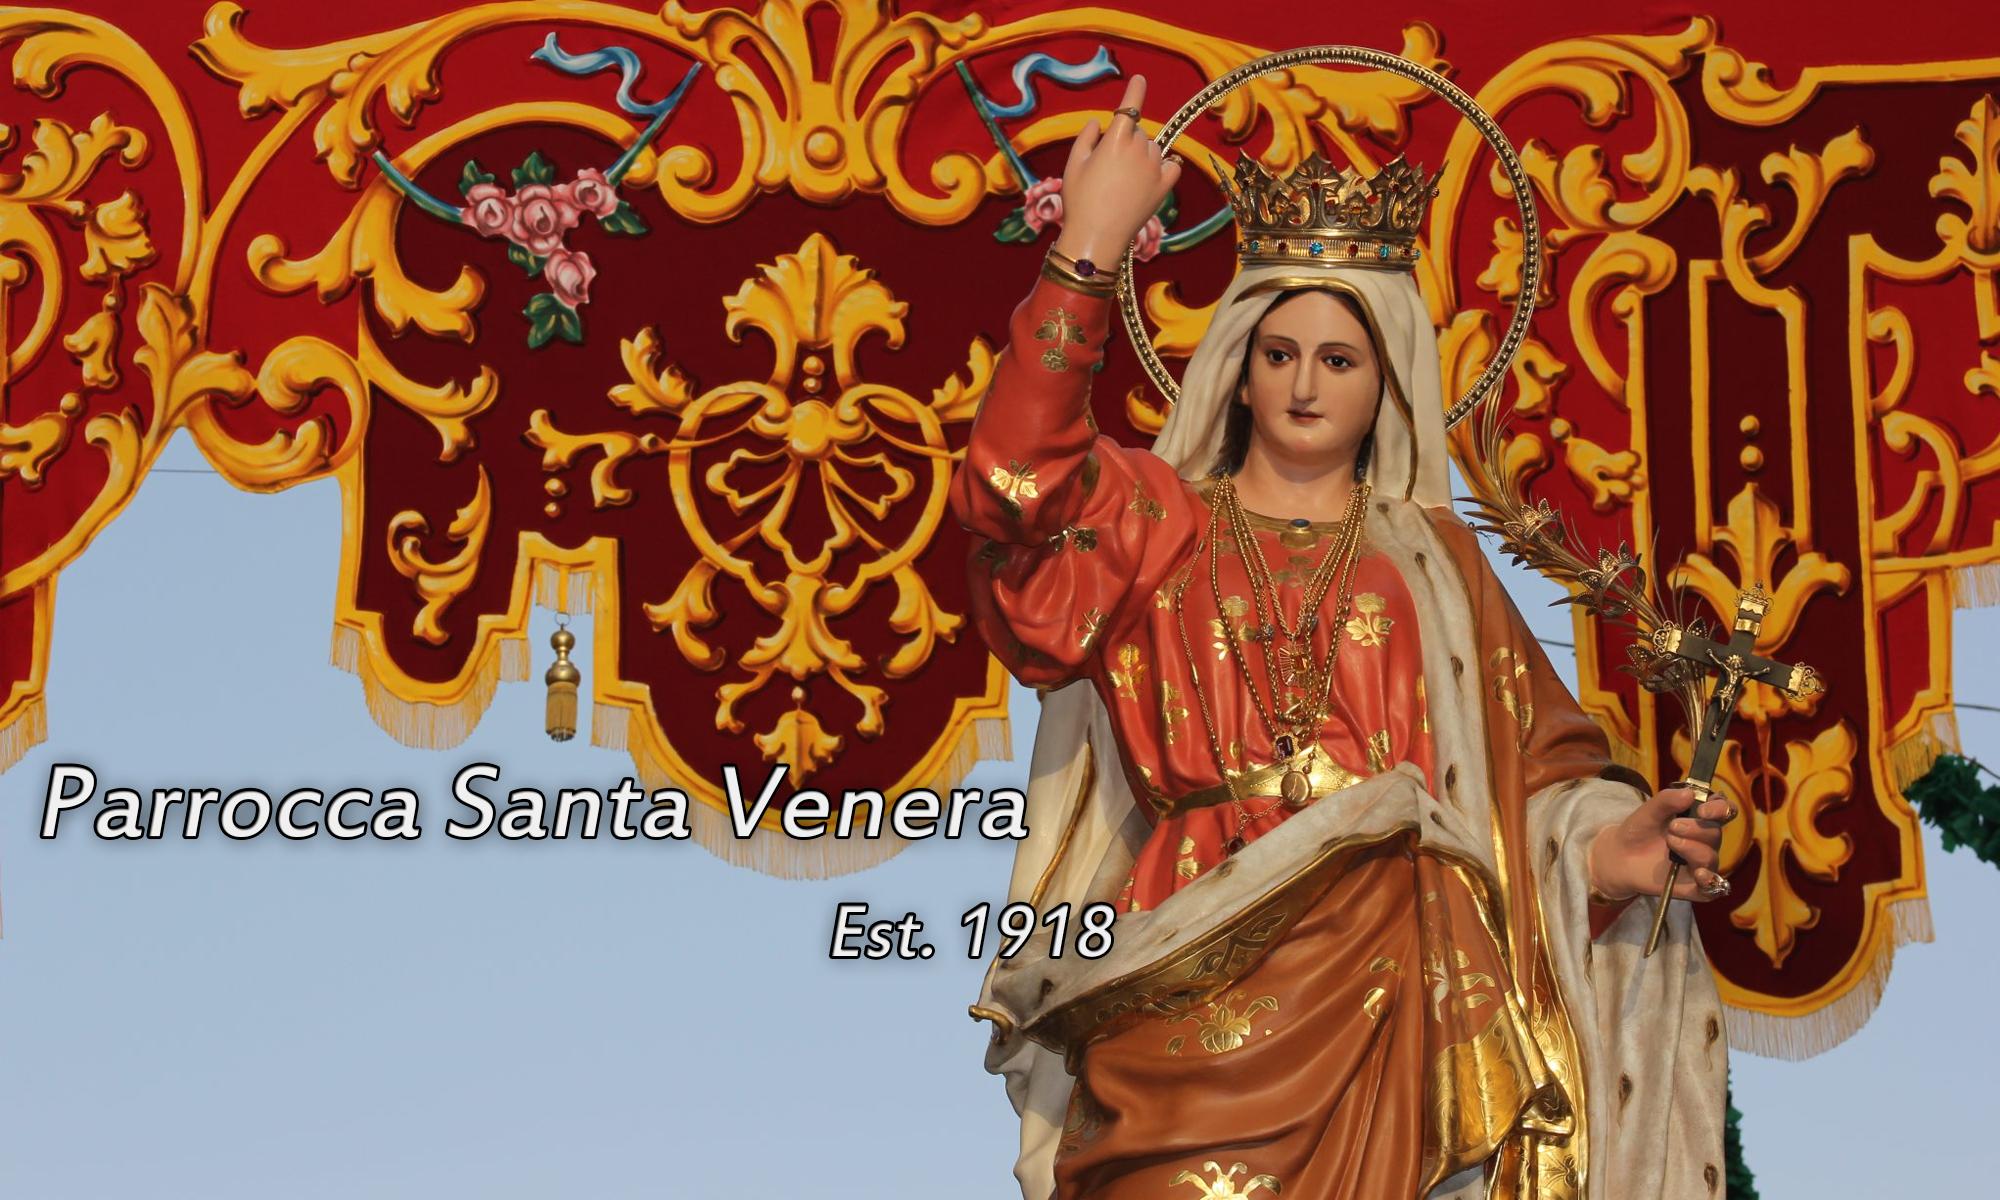 Parrocca Santa Venera Est. 1918